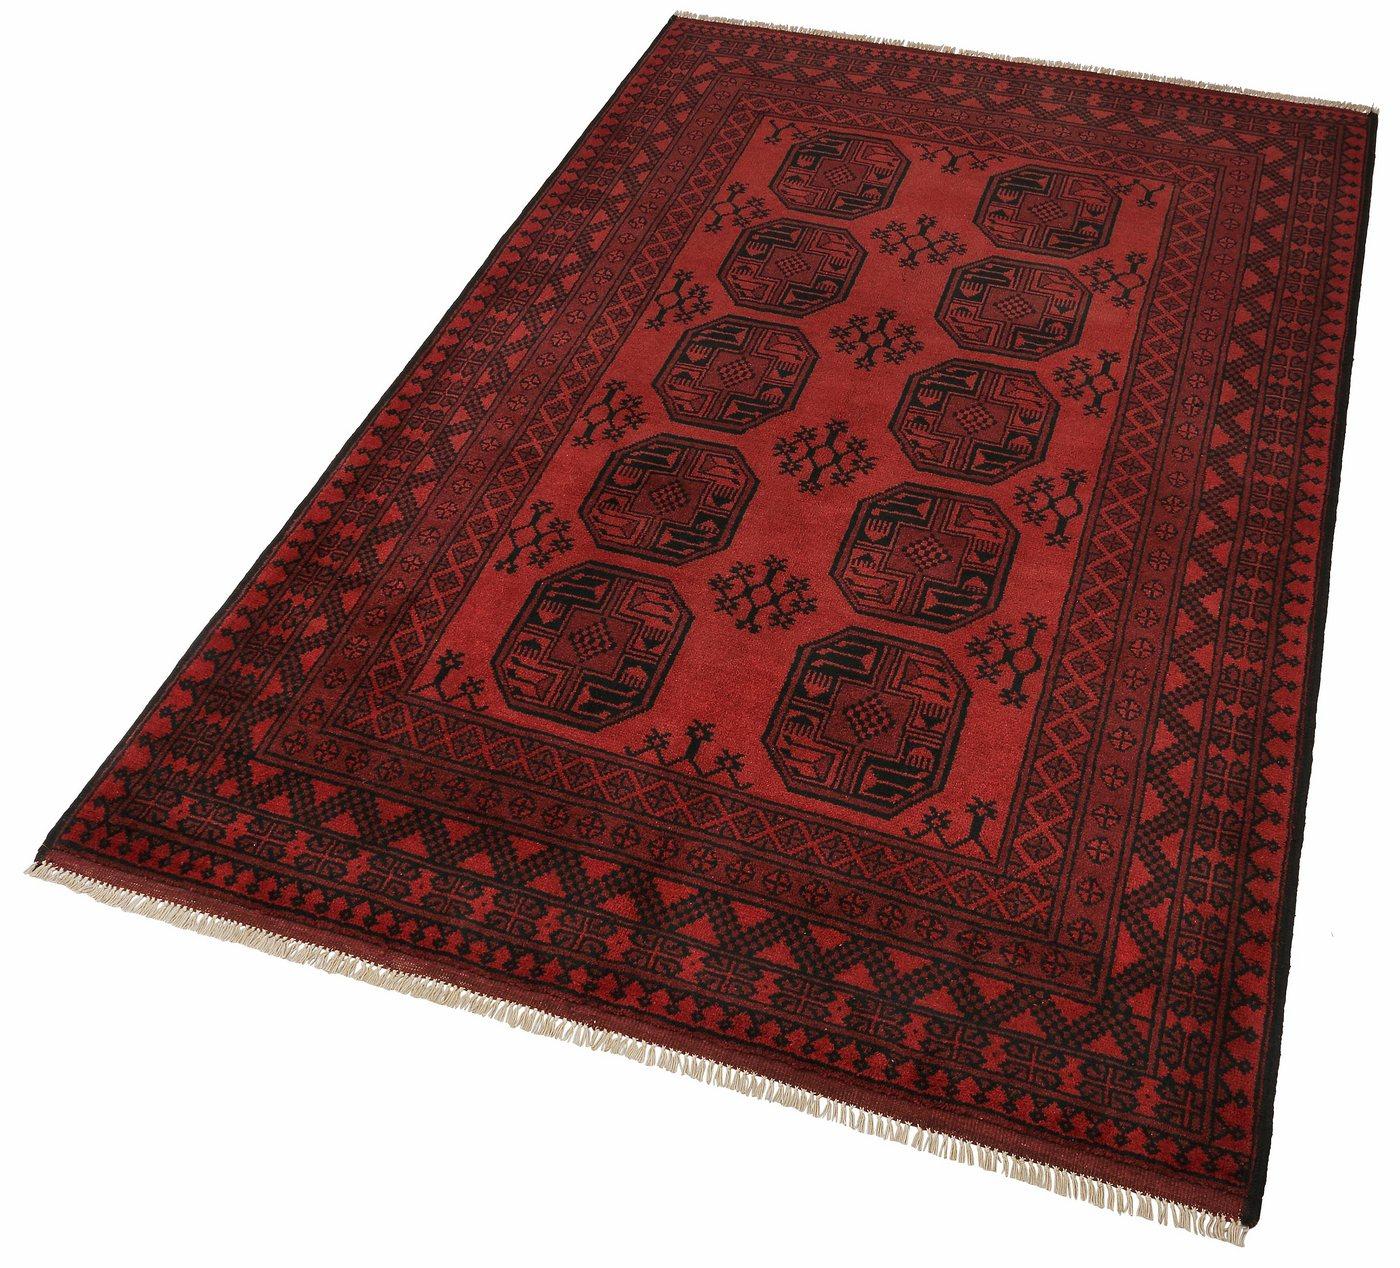 afghanische teppiche preisvergleiche erfahrungsberichte. Black Bedroom Furniture Sets. Home Design Ideas